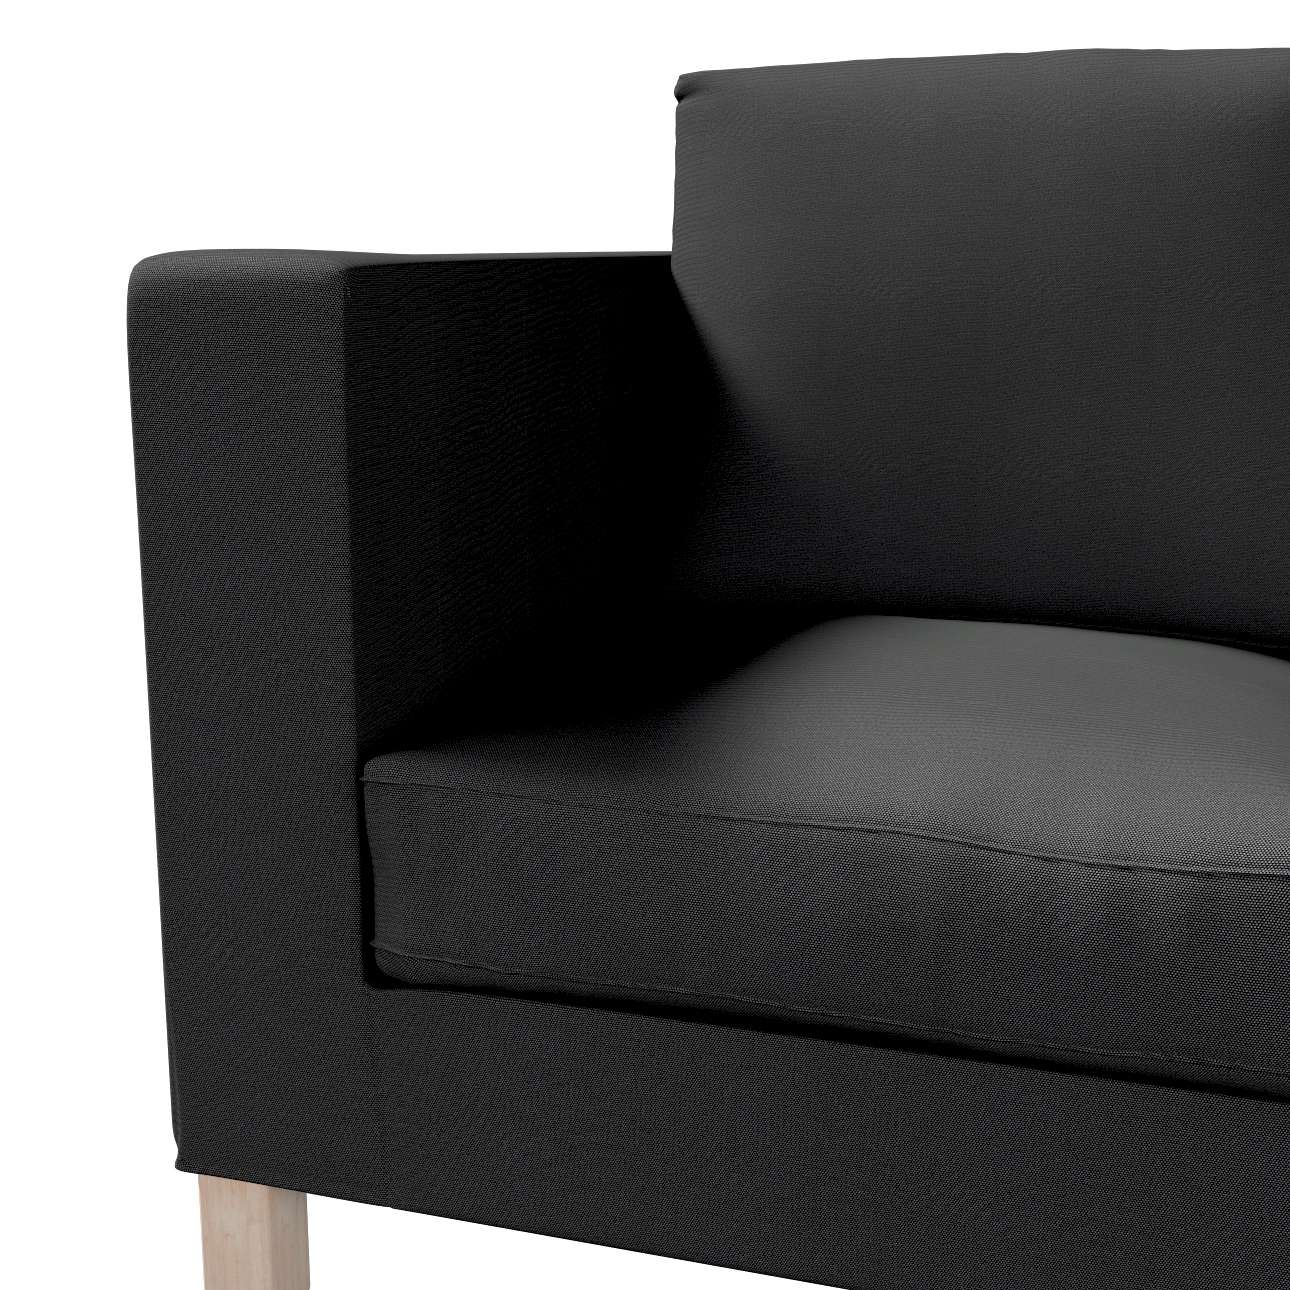 Pokrowiec na sofę Karlanda 2-osobową nierozkładaną, krótki w kolekcji Etna, tkanina: 705-00